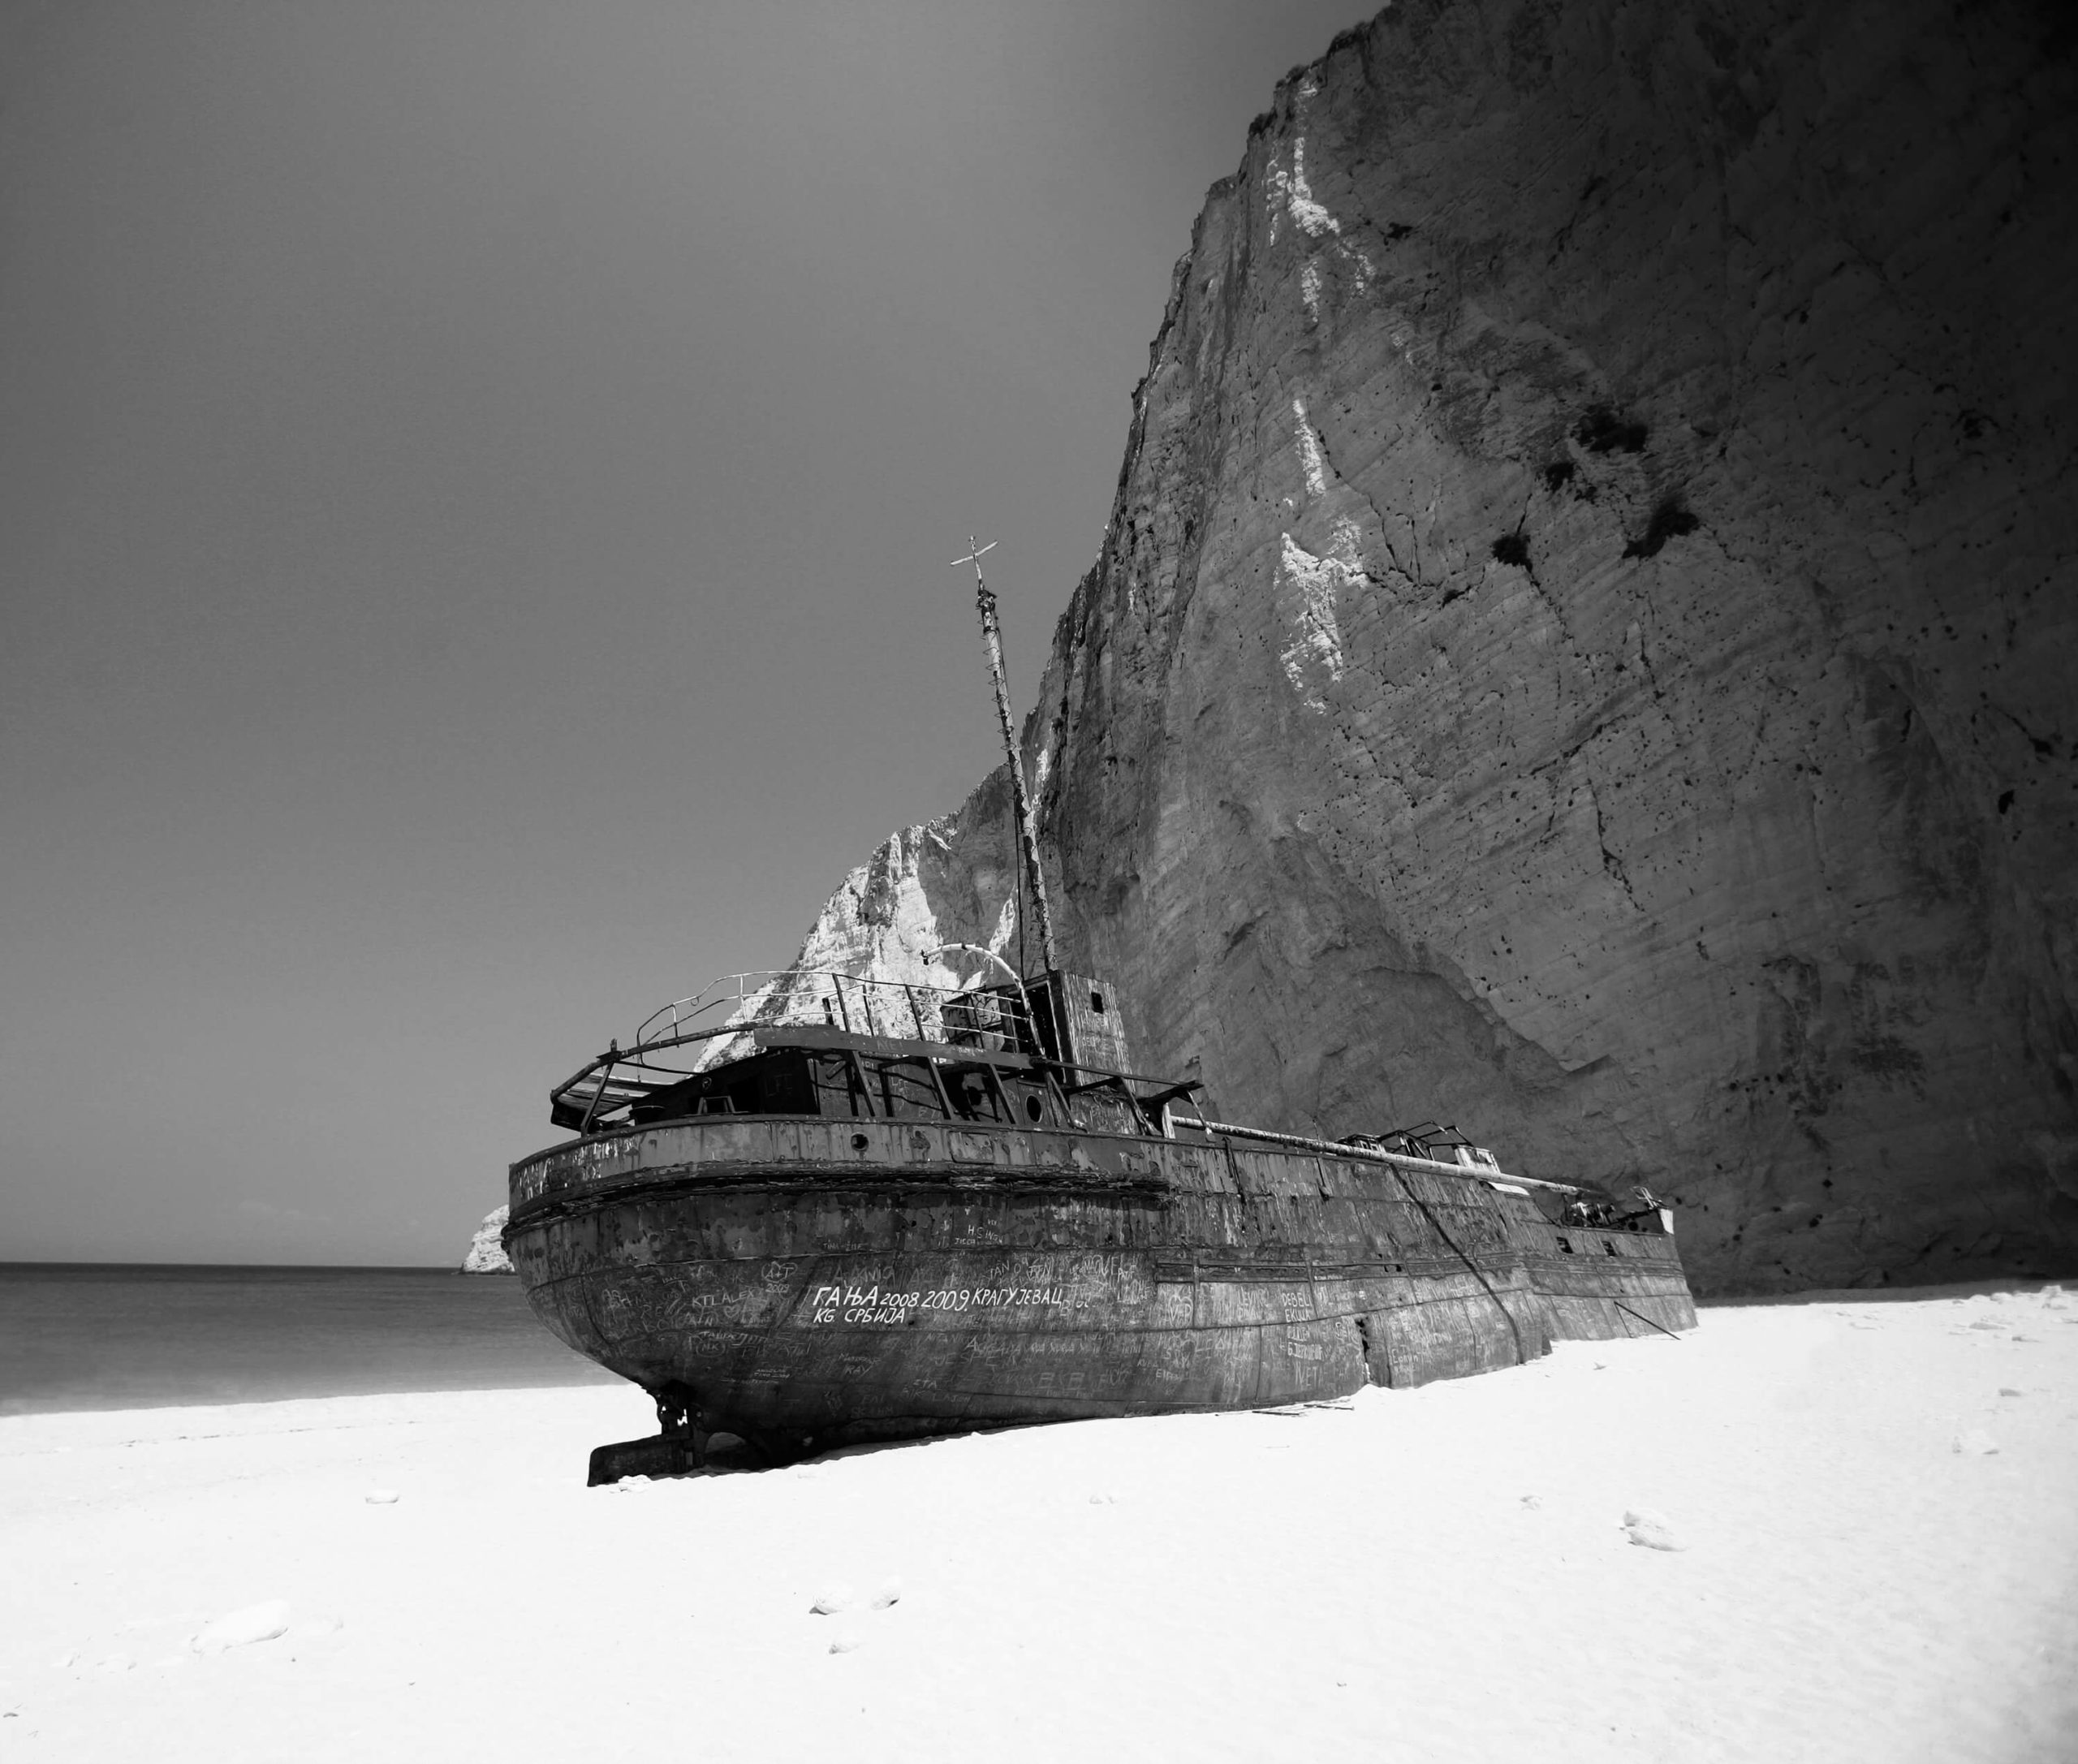 ZANTE SHIPWRECK